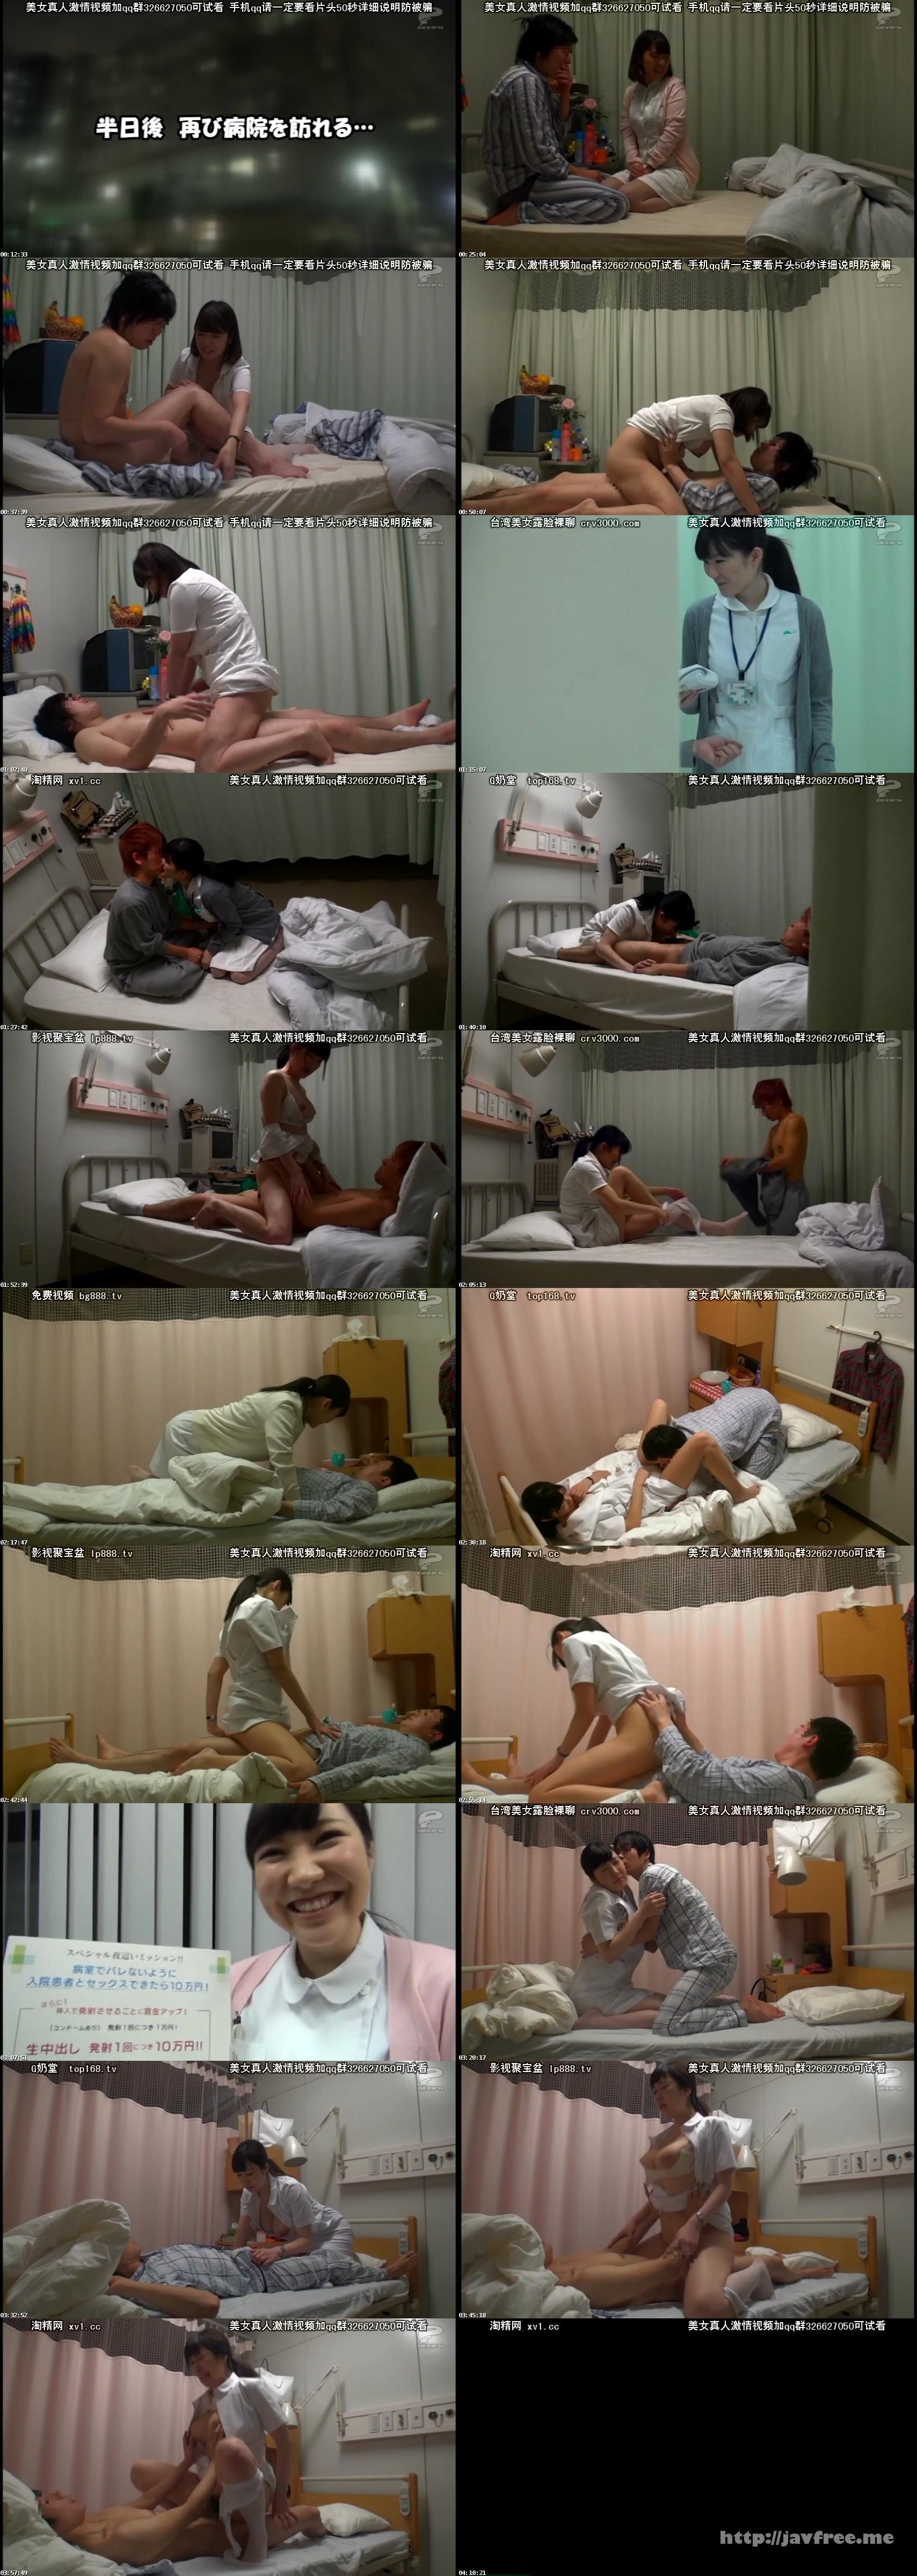 [DVDES-967] 一般男女モニタリングAV 性欲が強い職業No.1=看護師は本当だった!?夜勤中の看護師が入院しててもチ●ポは元気な男性へ逆夜這いで1発10万円の連続中出しセックスにチャレンジ!